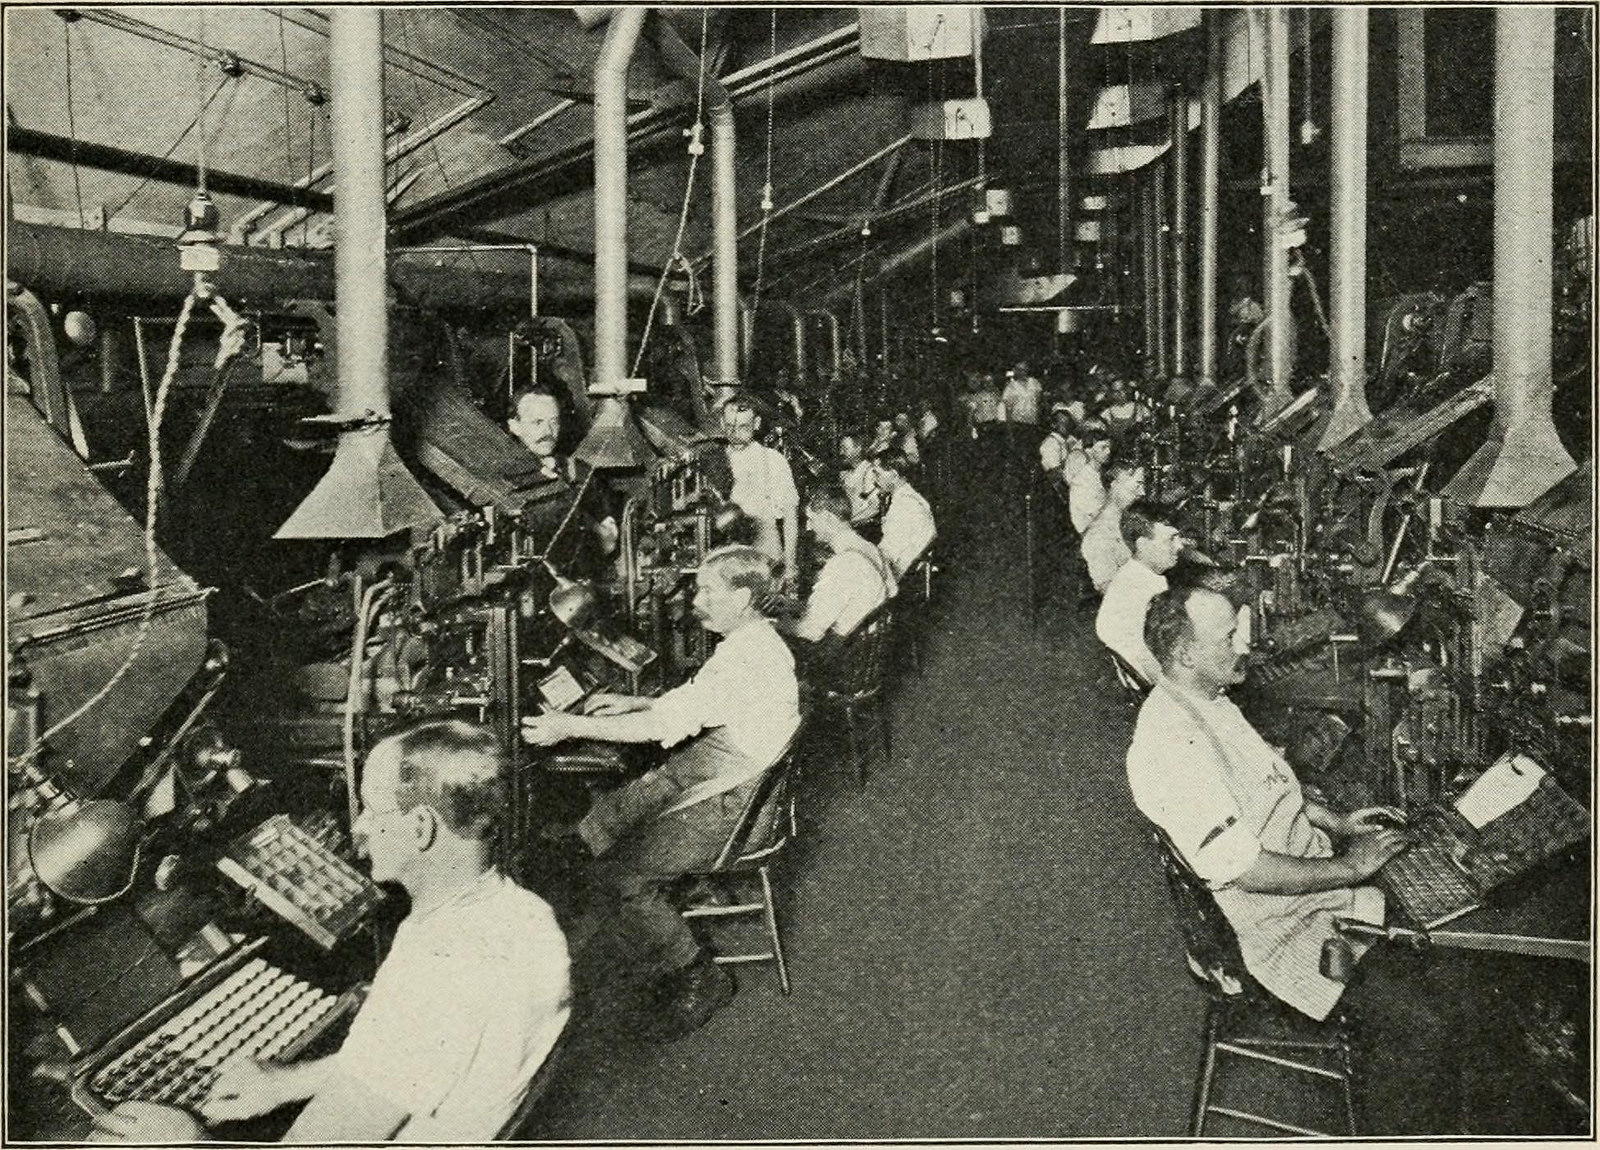 Essentials in Journalism - Internet Archive, Flickr